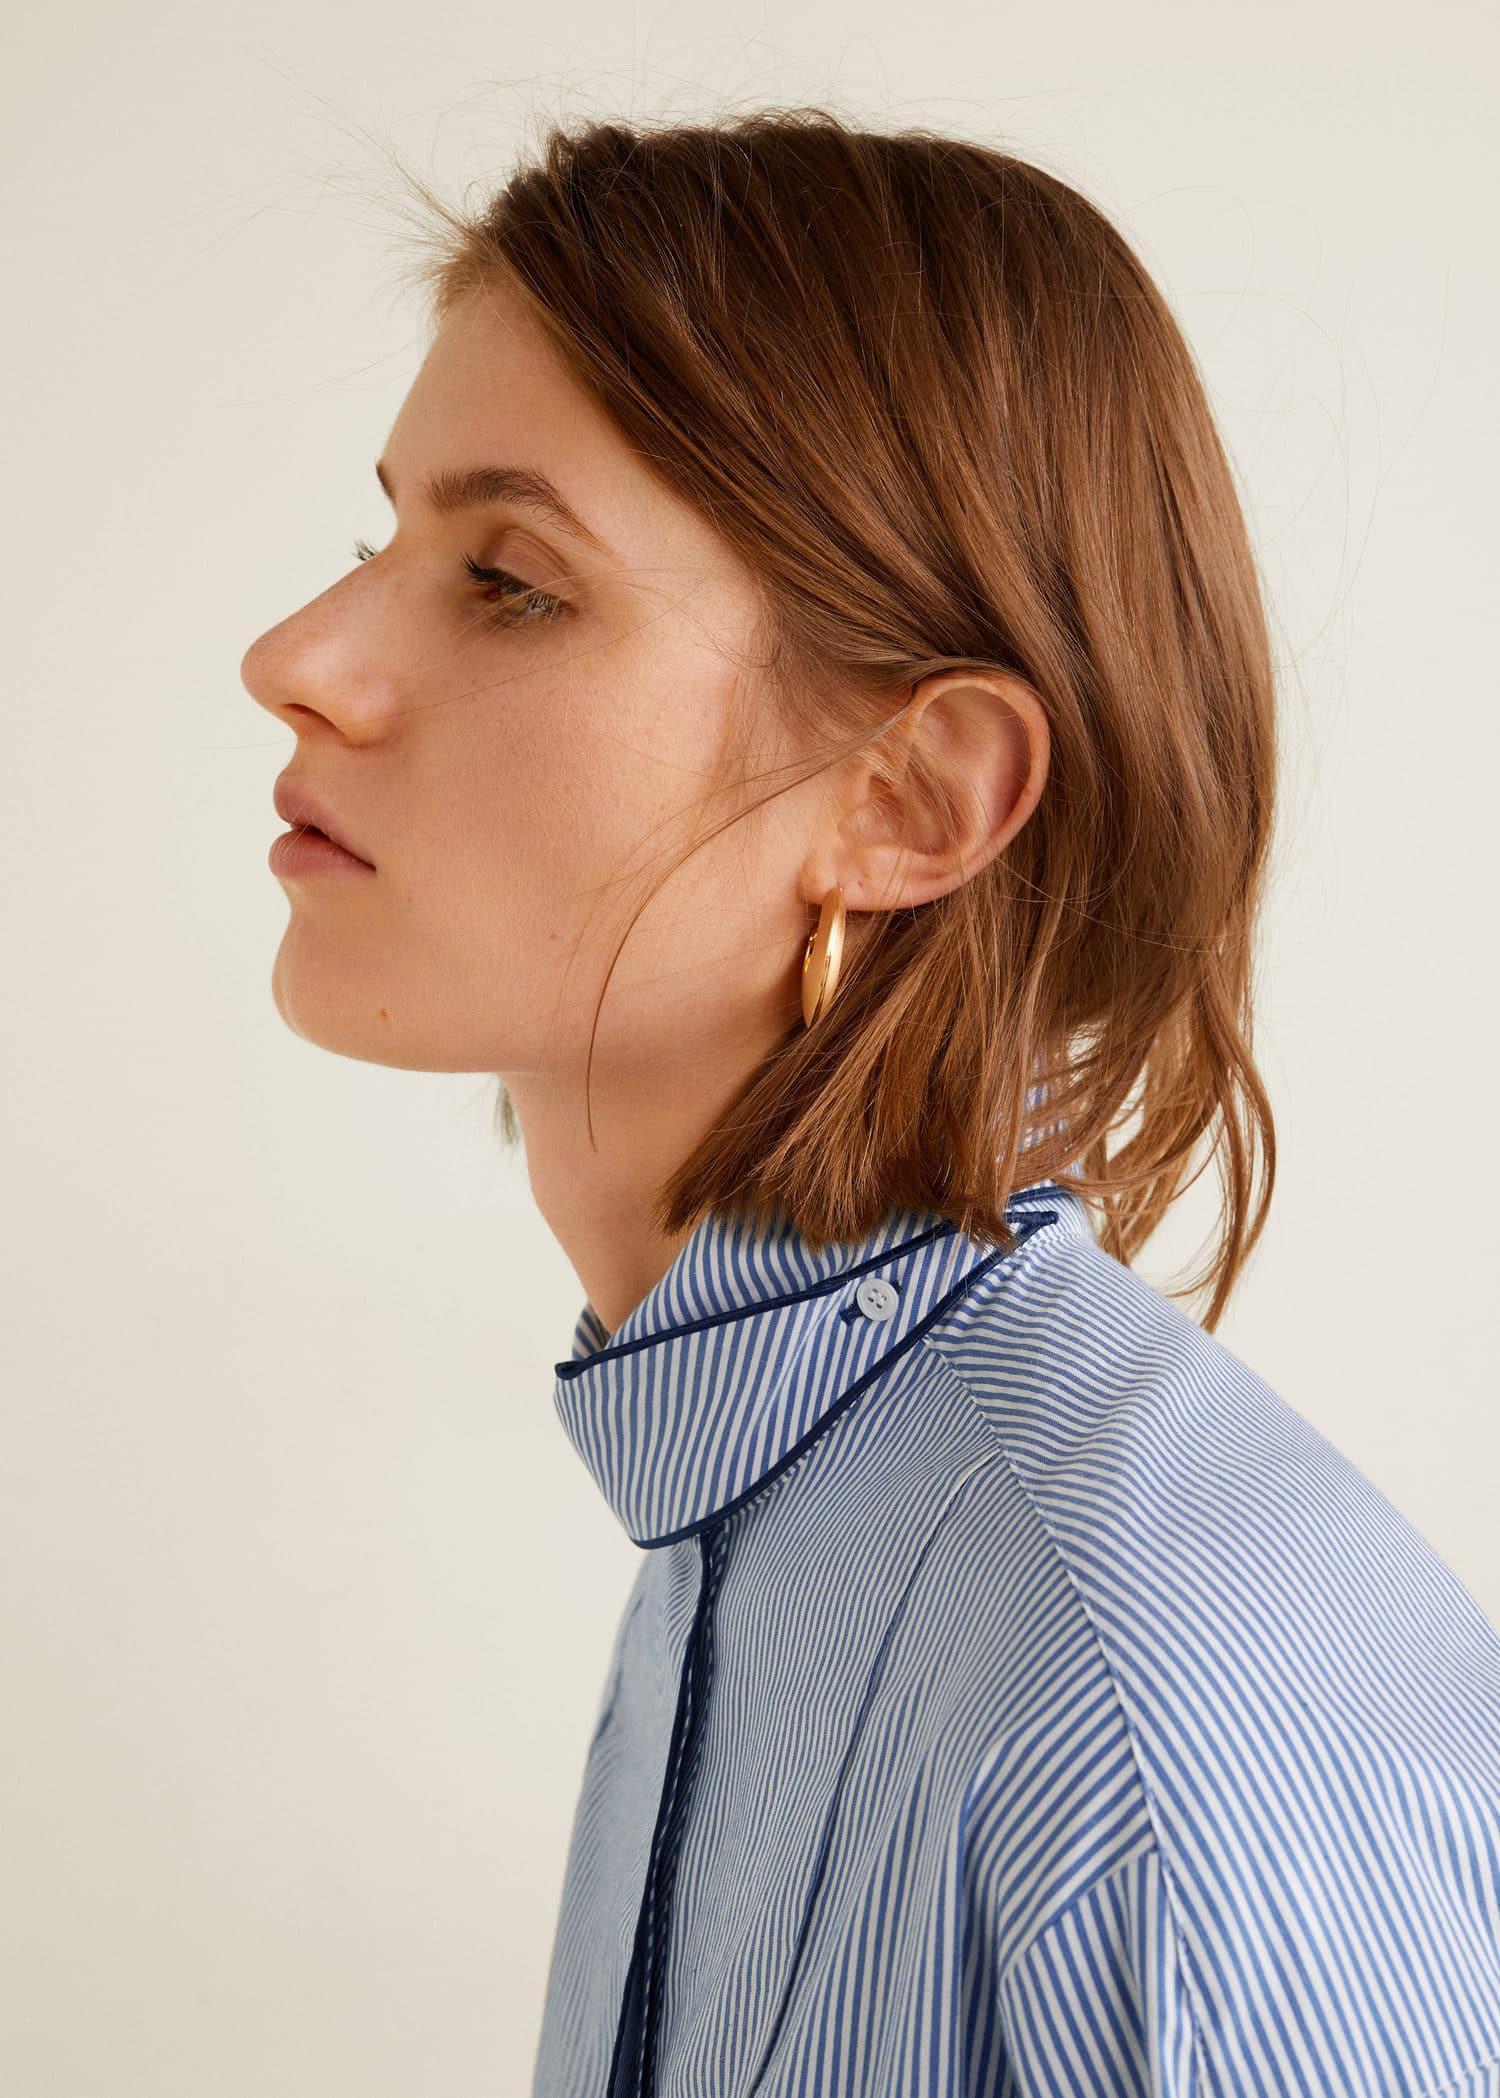 Skjorte med krage og sløyfe Damer | OUTLET Norge